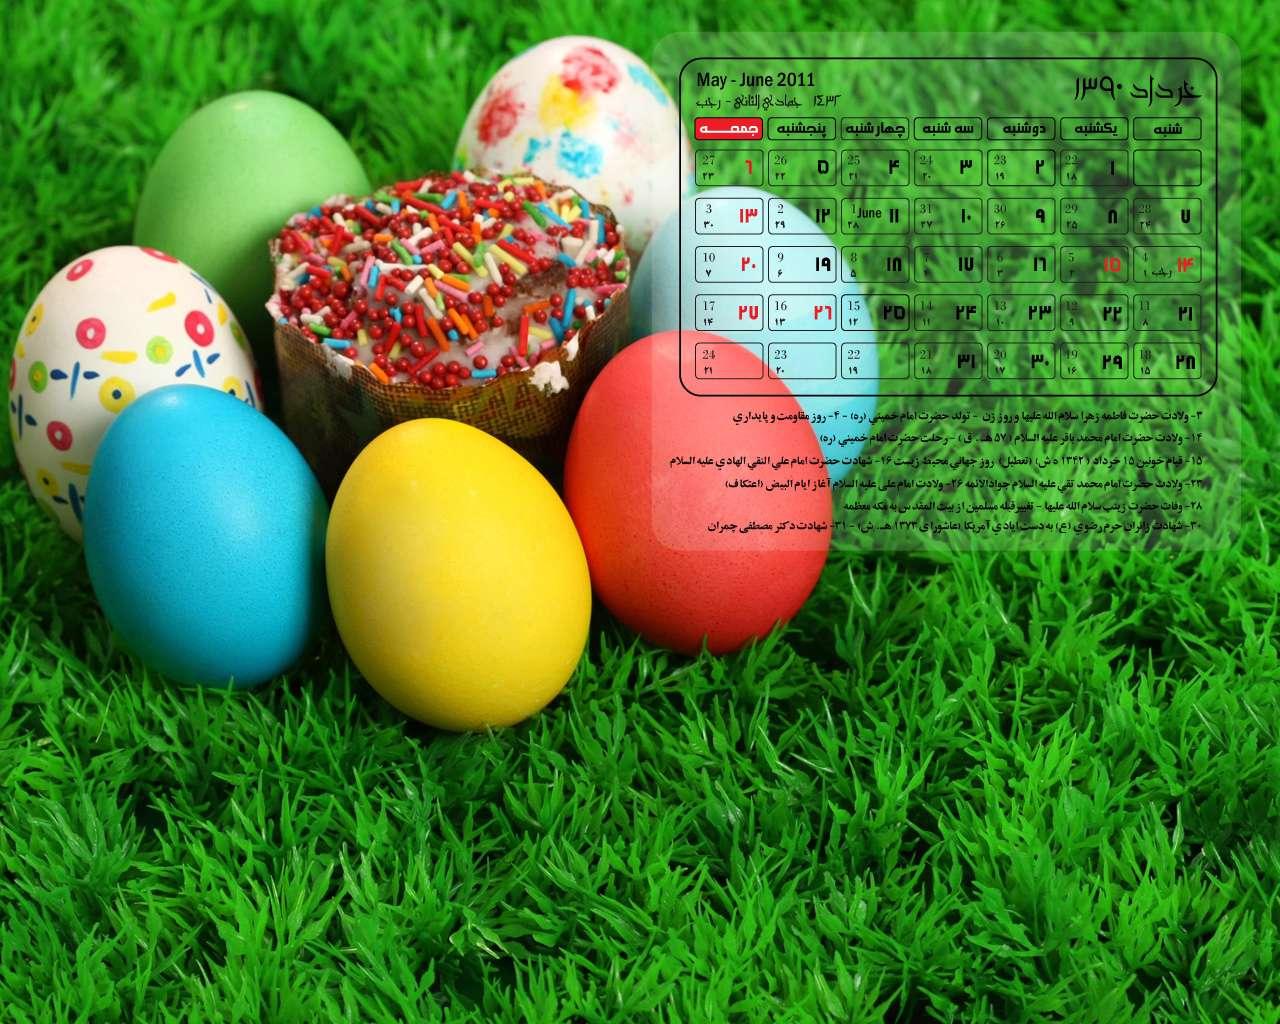 تقویم سال 90 با پس زمینه تصاویر تخم مرغ  رنگی